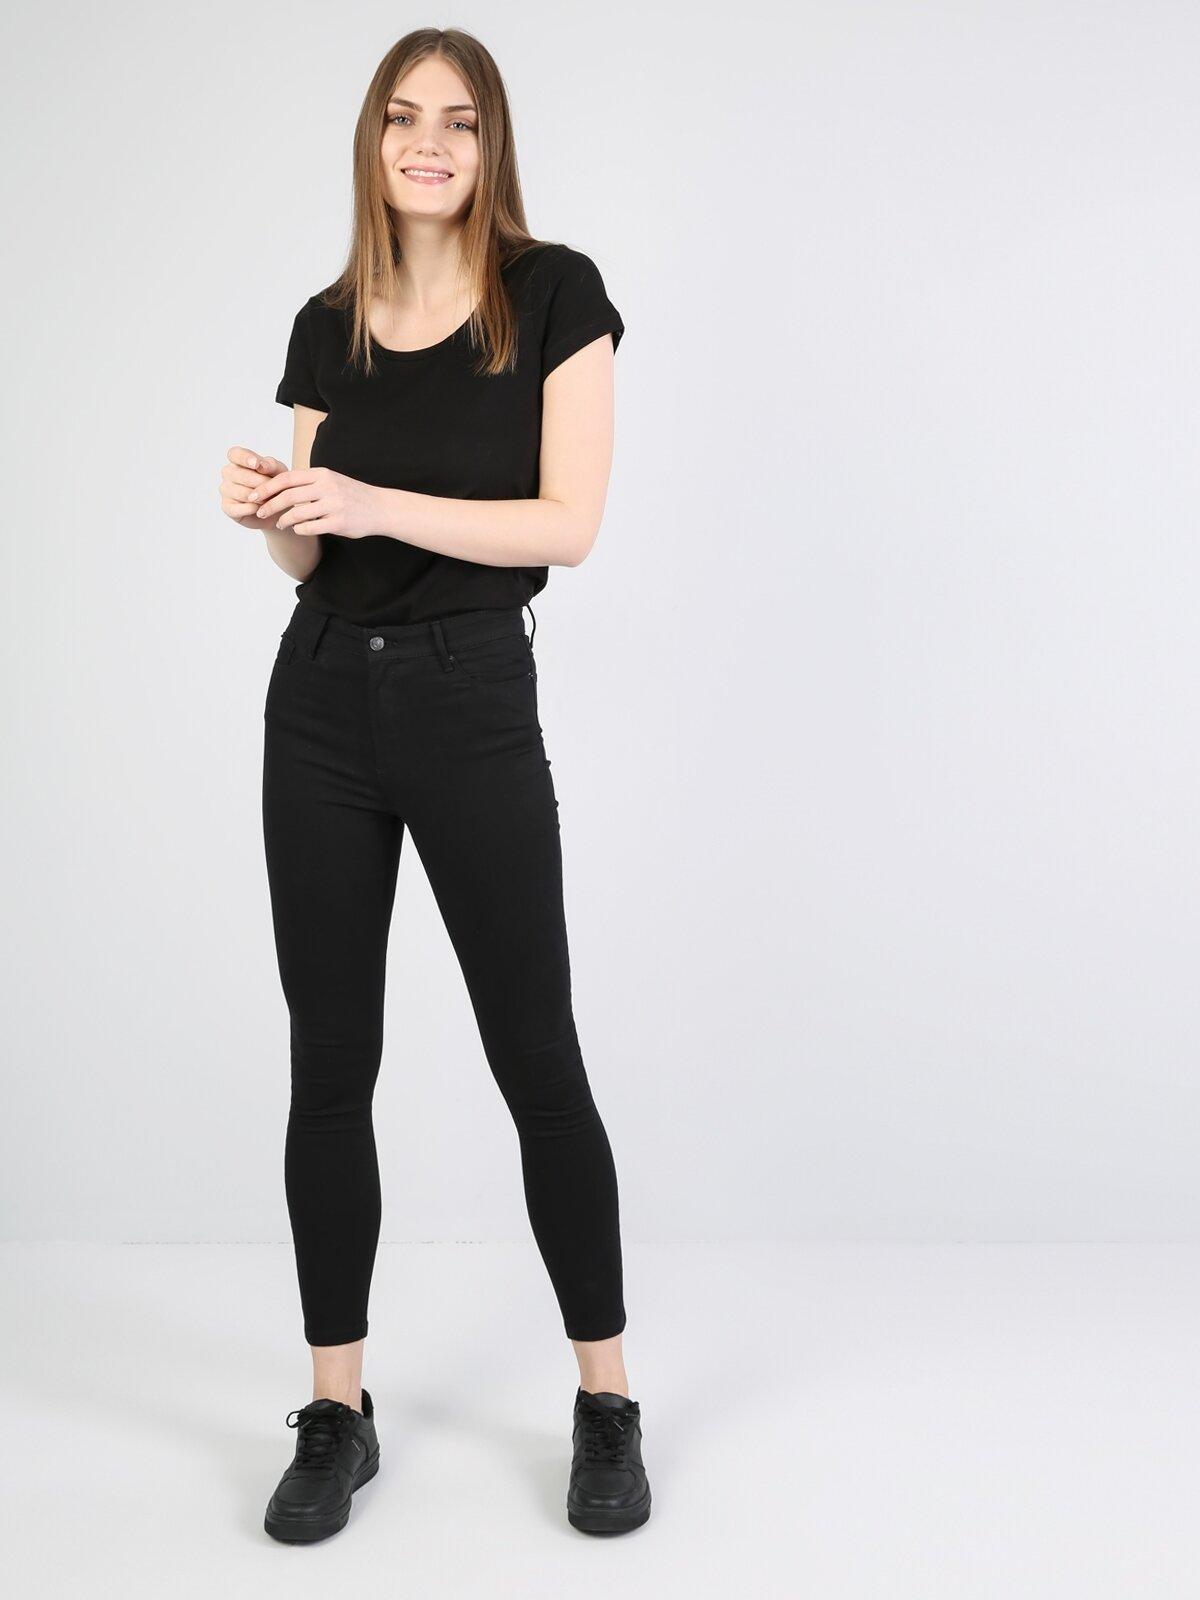 Kadın Giyim Modelleri Ve Fiyatları Colins Online Alışveriş